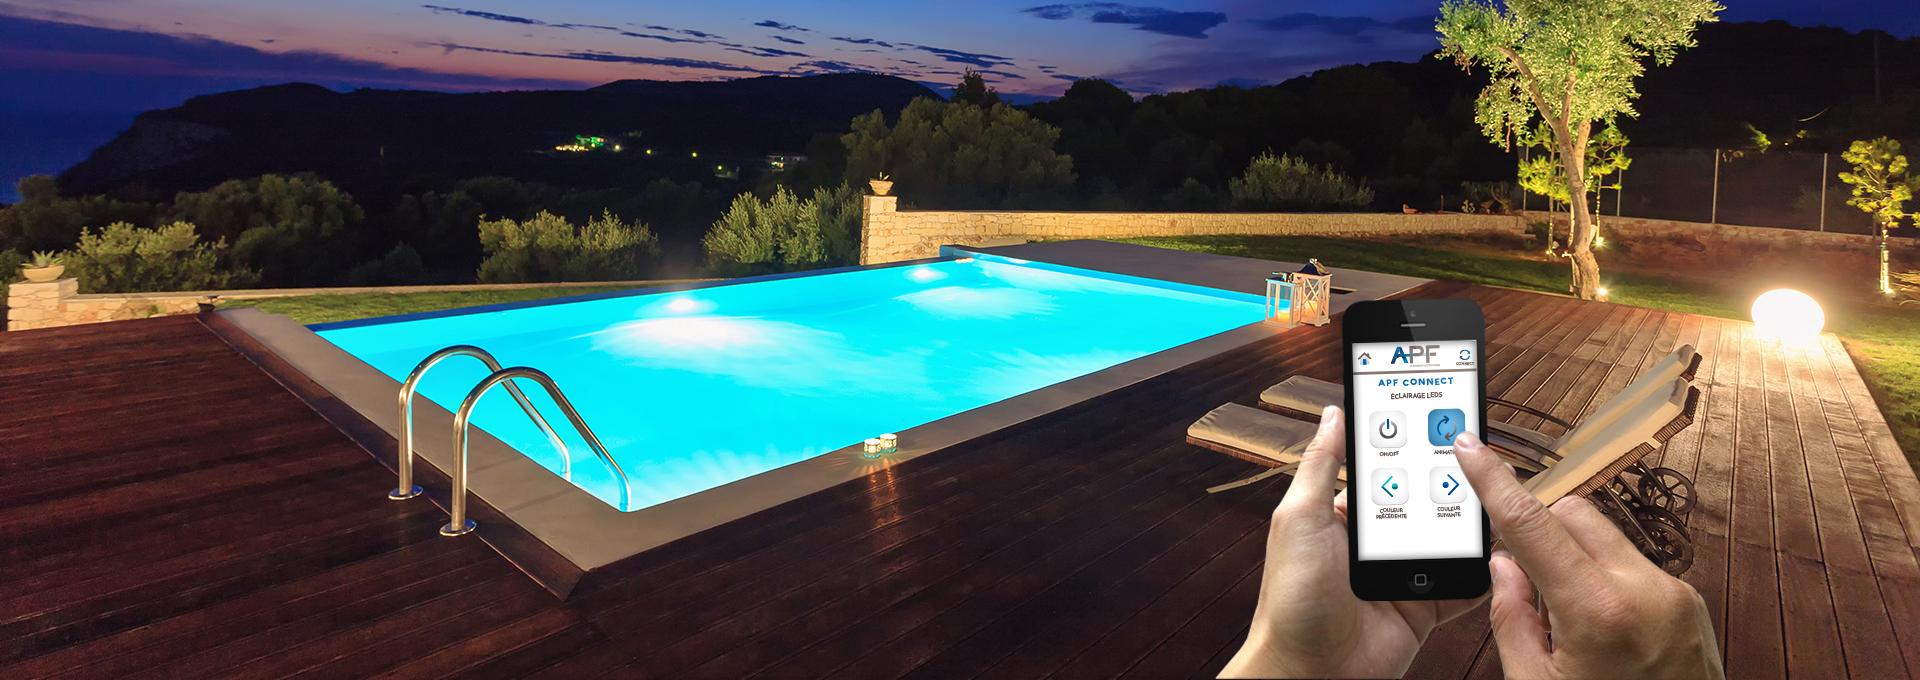 Pilotez l'éclairage de votre piscine avec votre smartphone